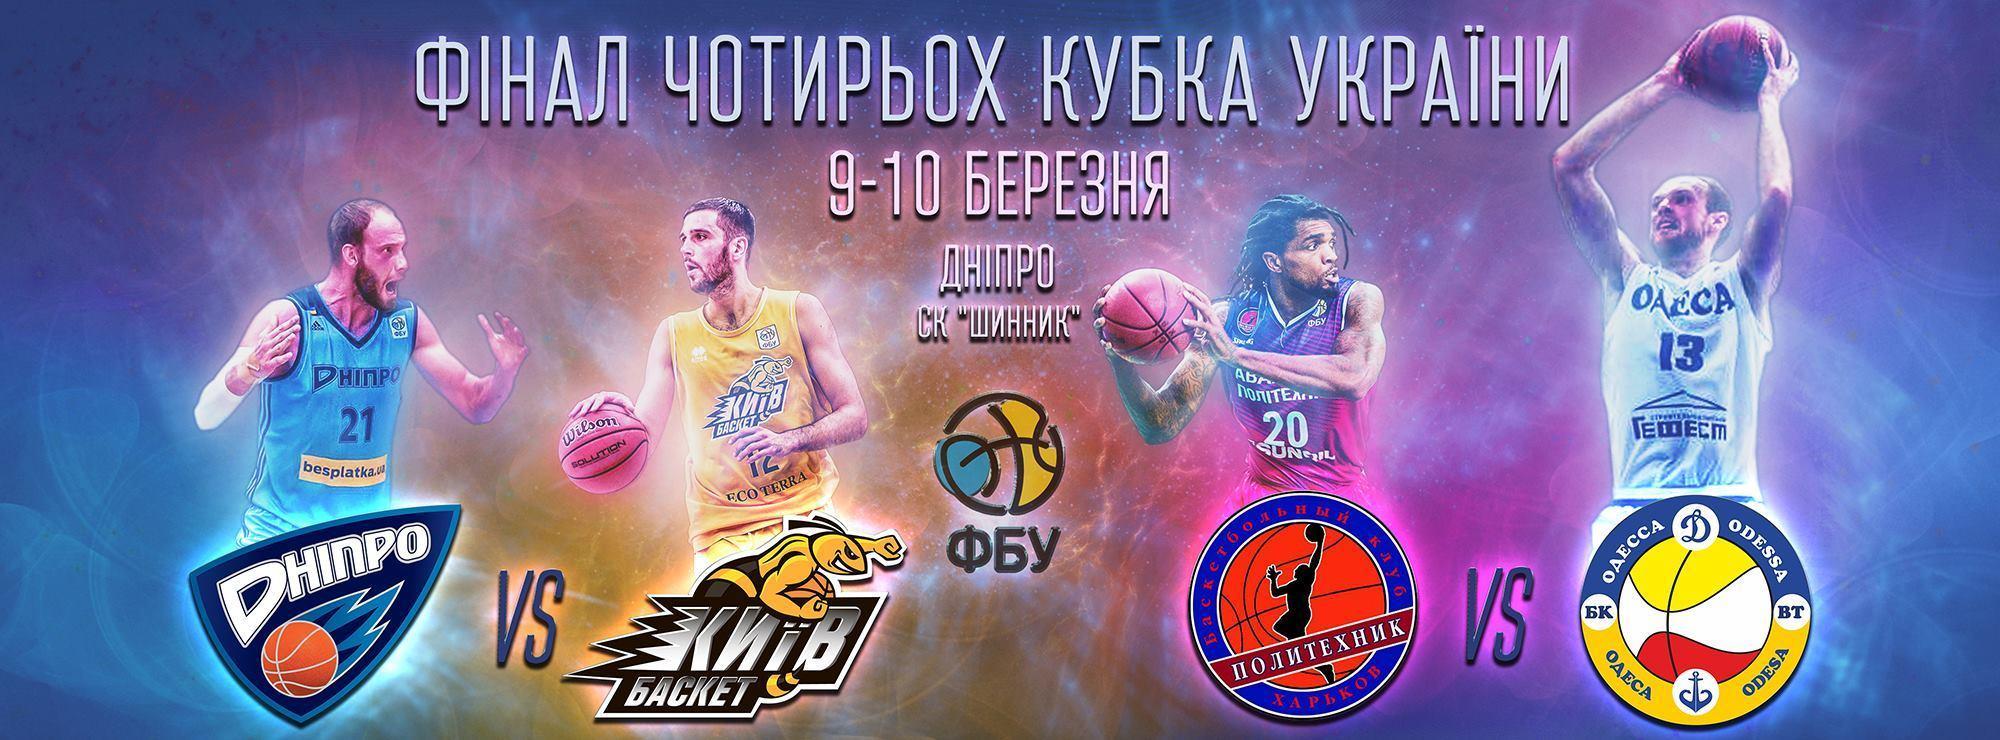 Кубок України: онлайн відеотрансляція півфіналу Дніпро - Київ-Баскет